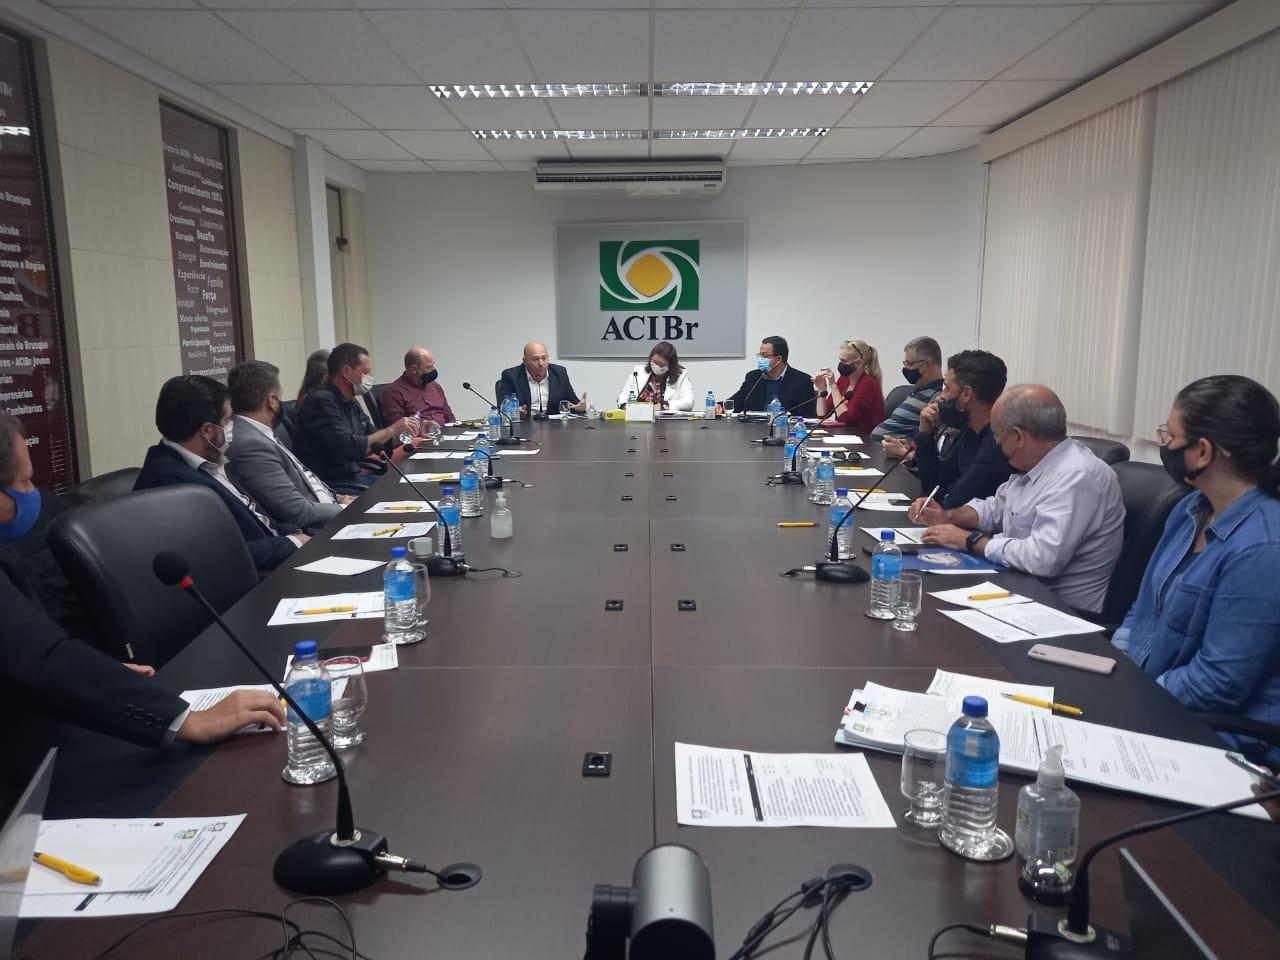 """Prefeito apresenta projeto """"Brusque 2030"""" ao Conselho das Entidades, grupo que reúne 14 organizações da cidade"""